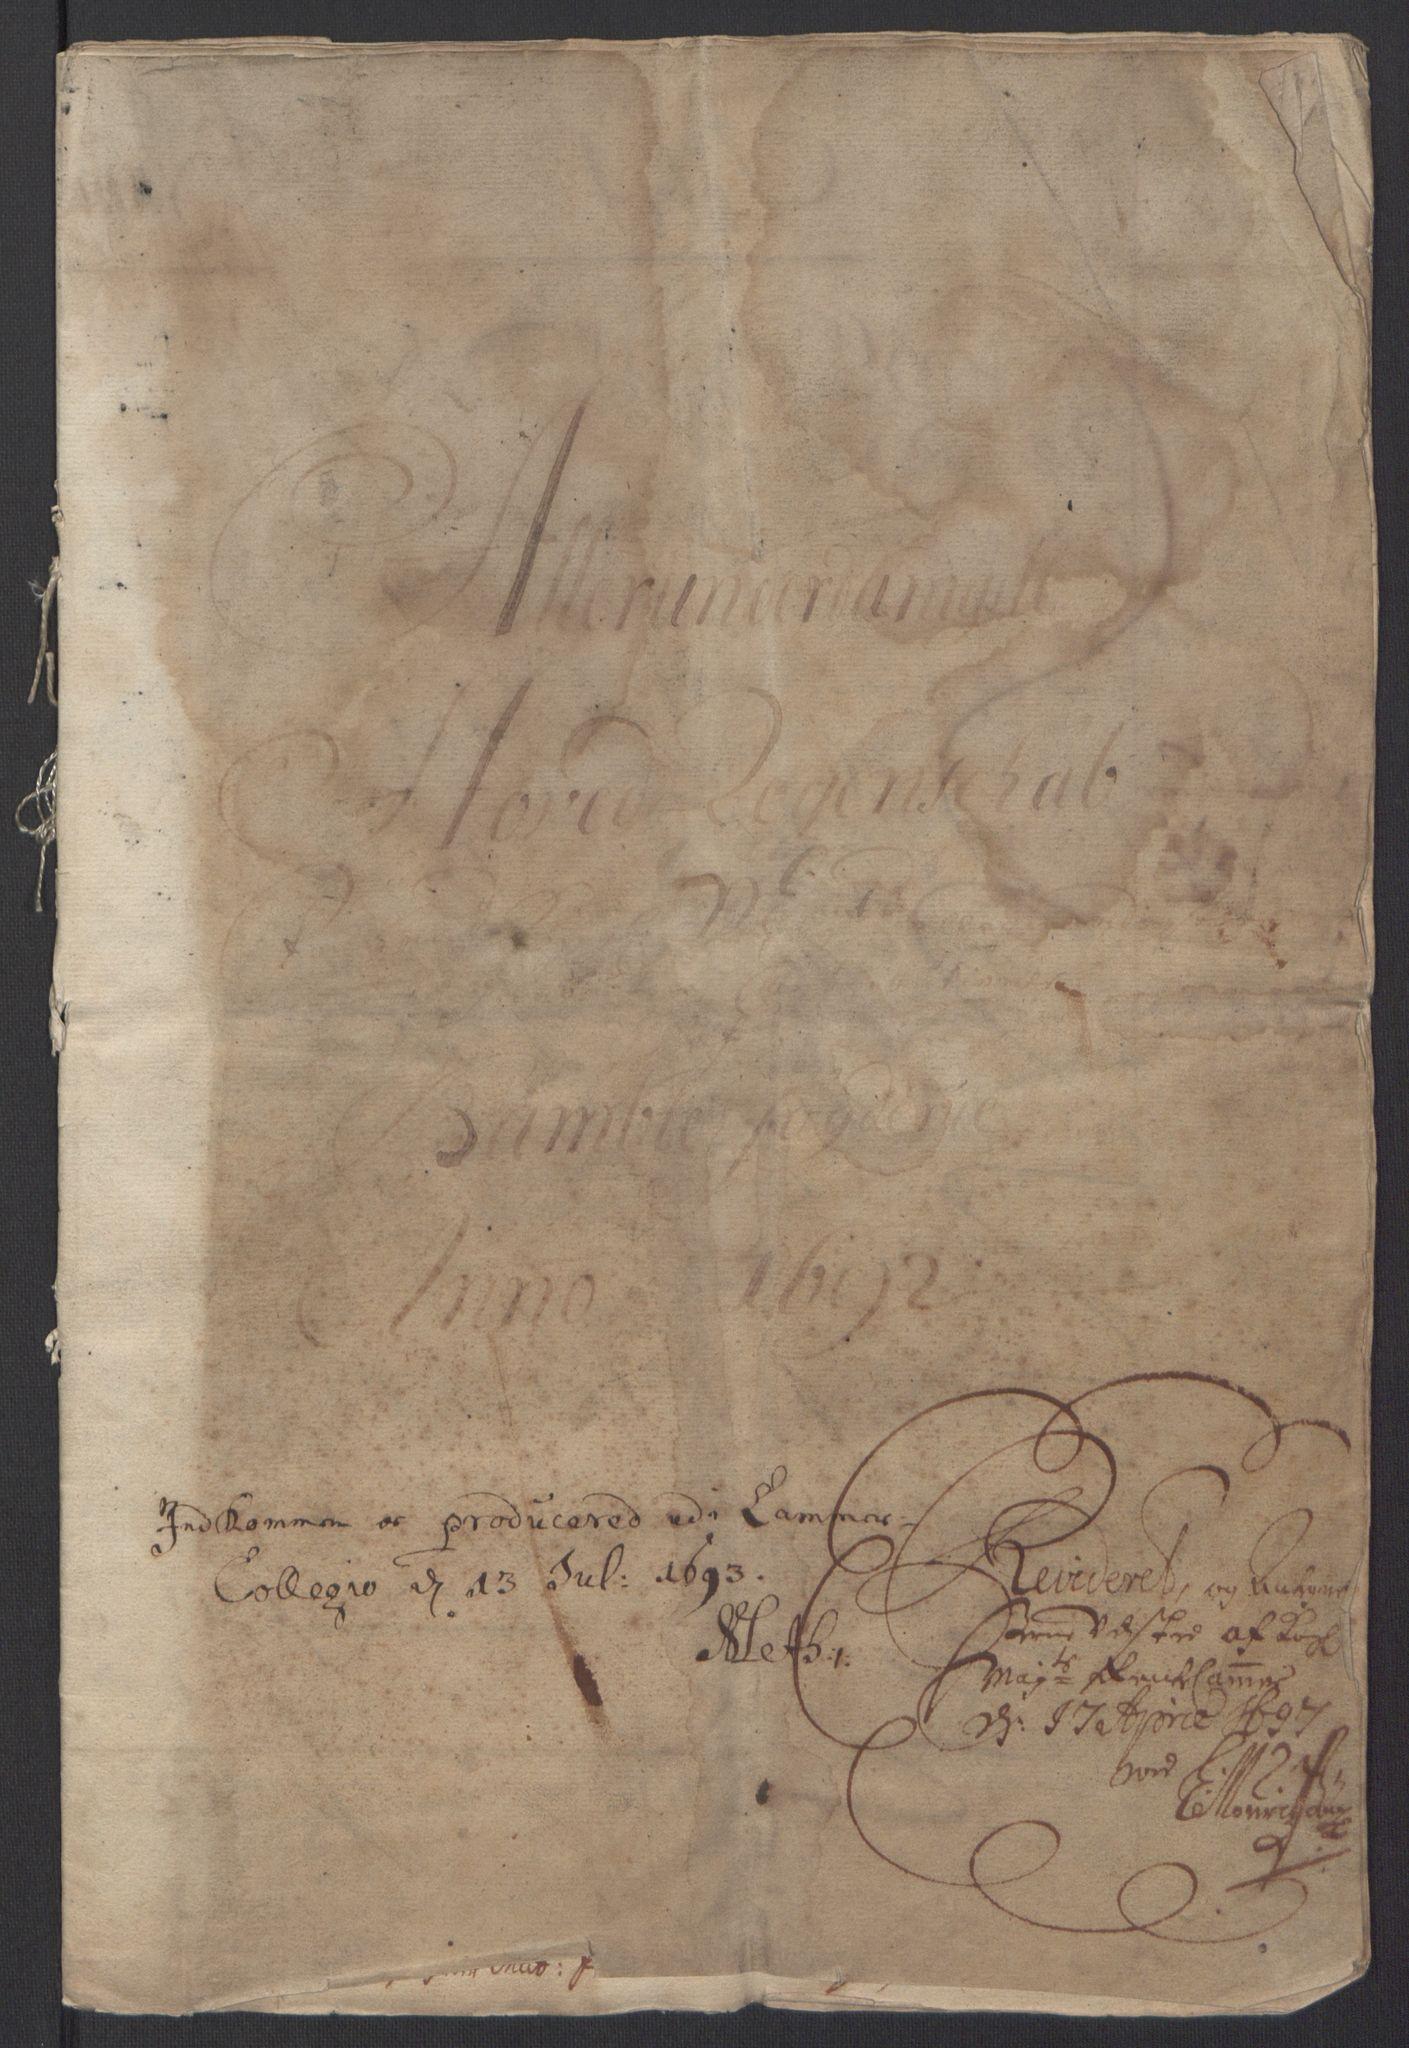 RA, Rentekammeret inntil 1814, Reviderte regnskaper, Fogderegnskap, R34/L2052: Fogderegnskap Bamble, 1692-1693, s. 3